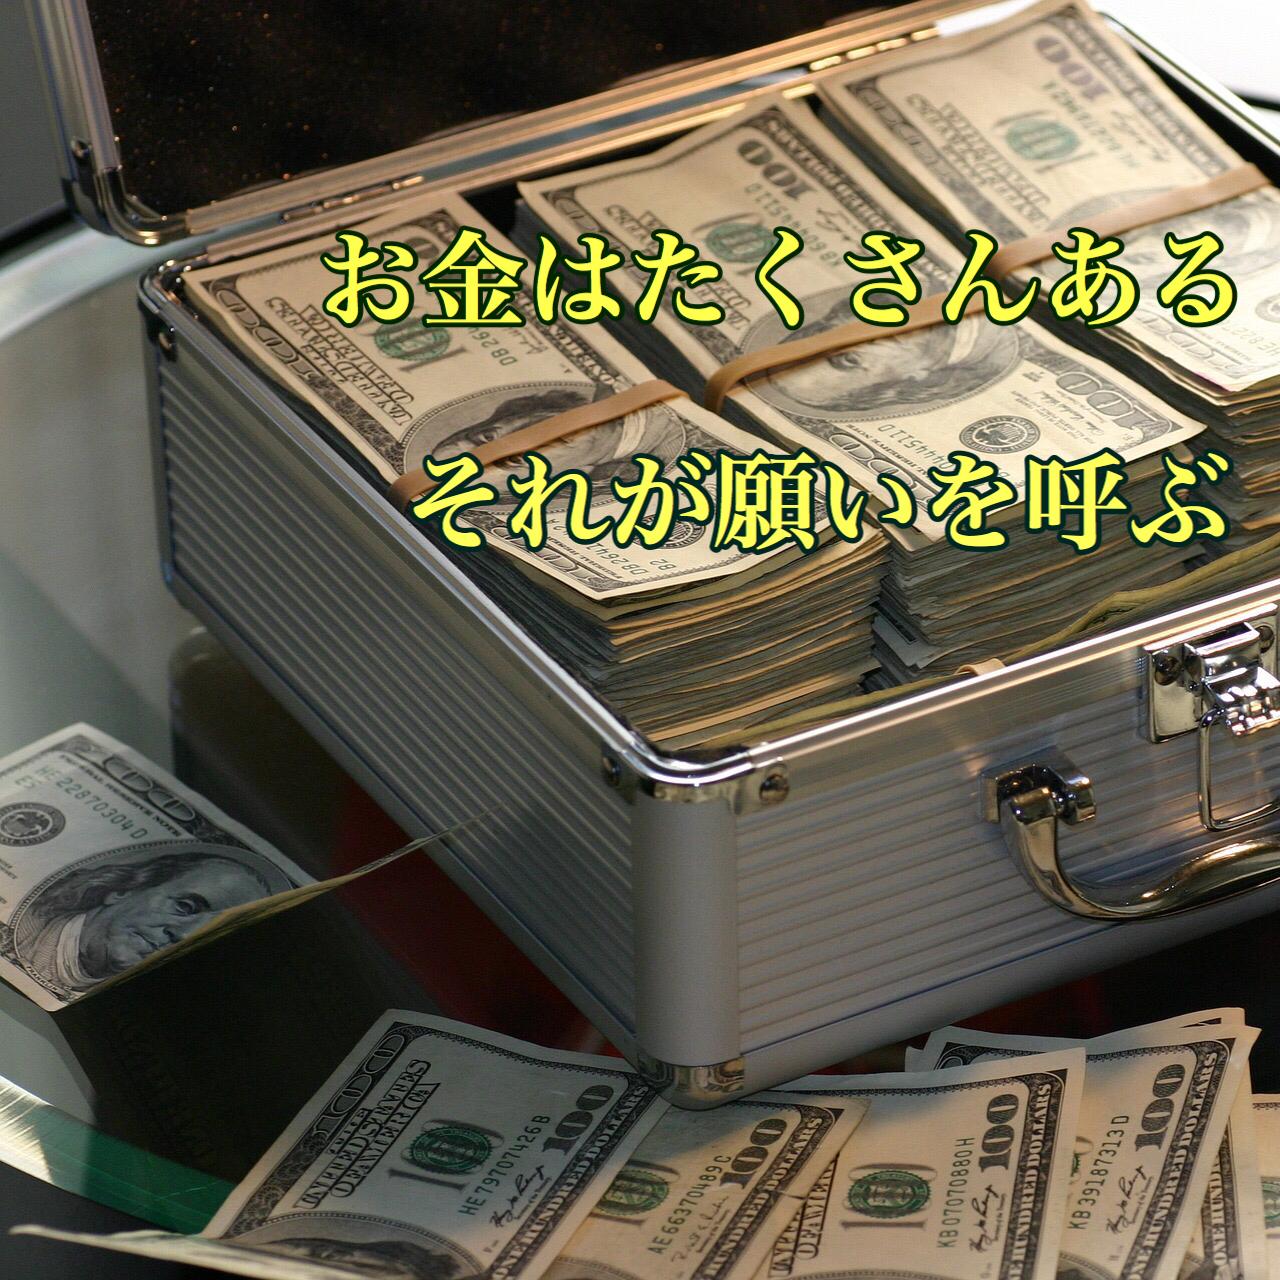 お金はいくらでもある、その考えが願いを呼ぶ